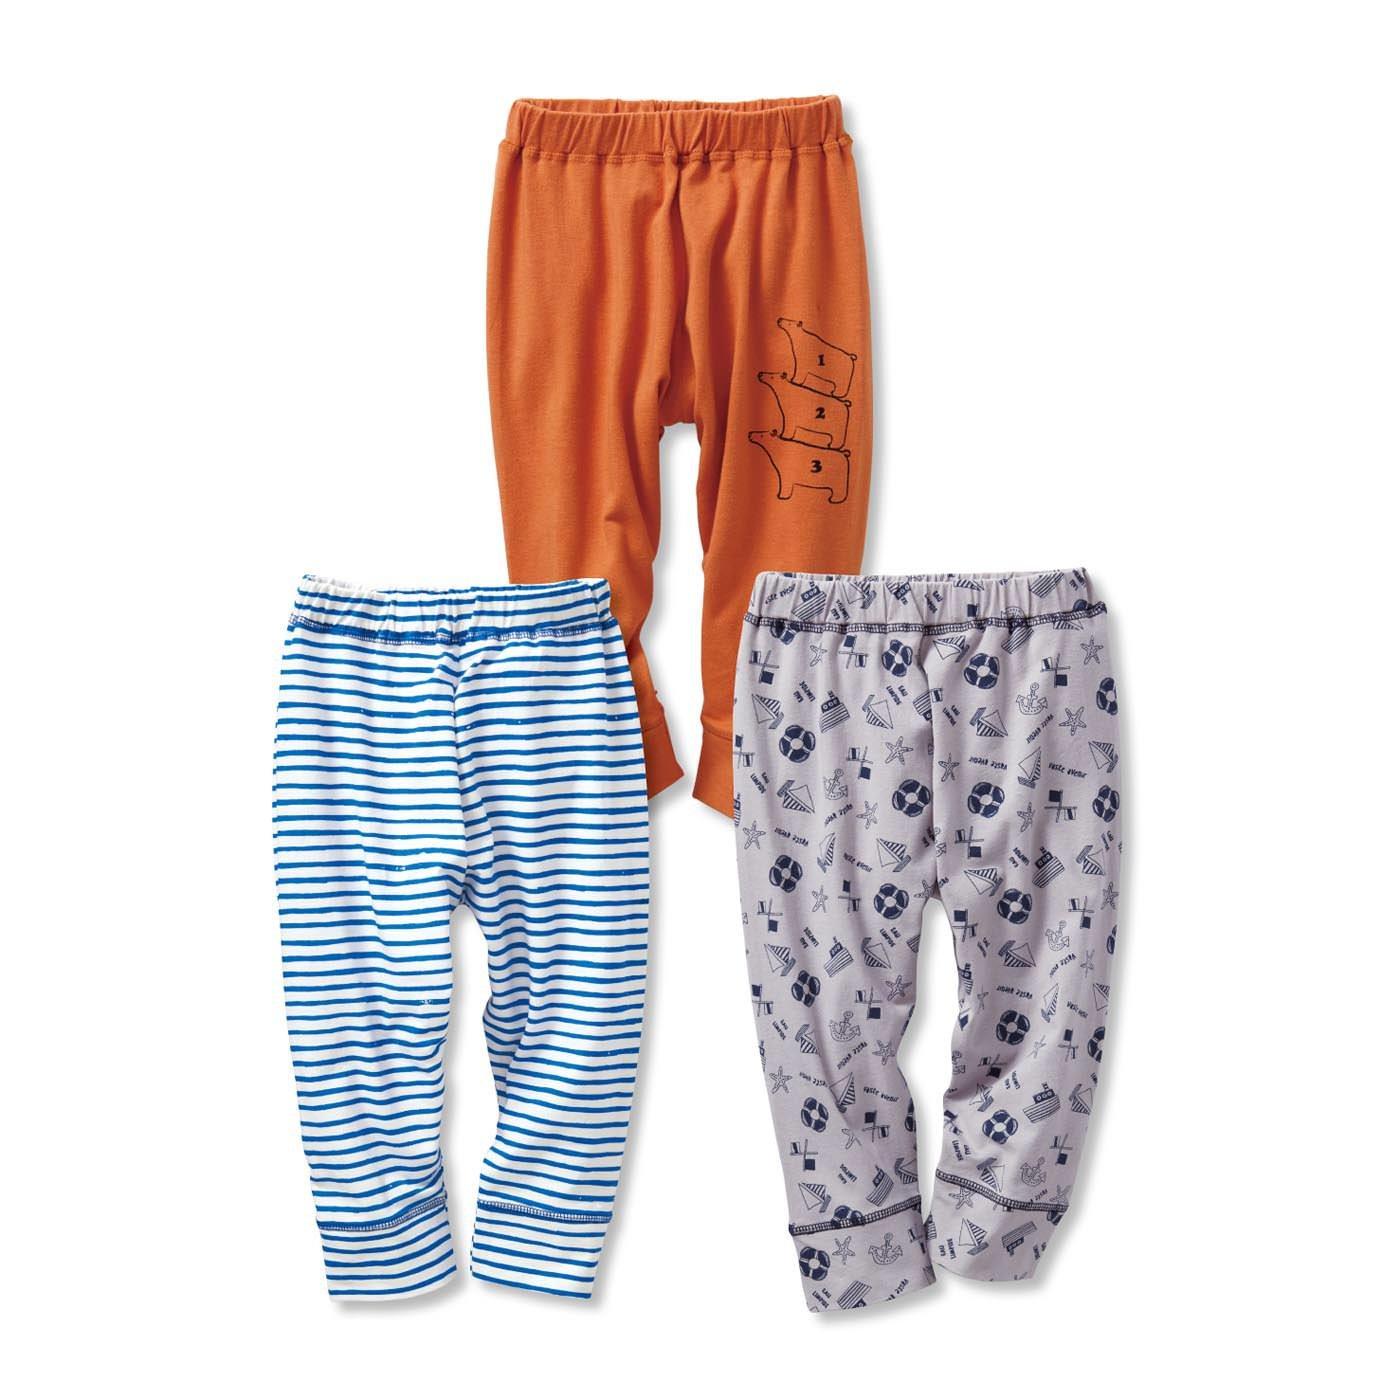 毎日着たくなる のびのび七分丈パンツ3枚セット〈キッズ〉〈オレンジ×グレー×ブルー〉